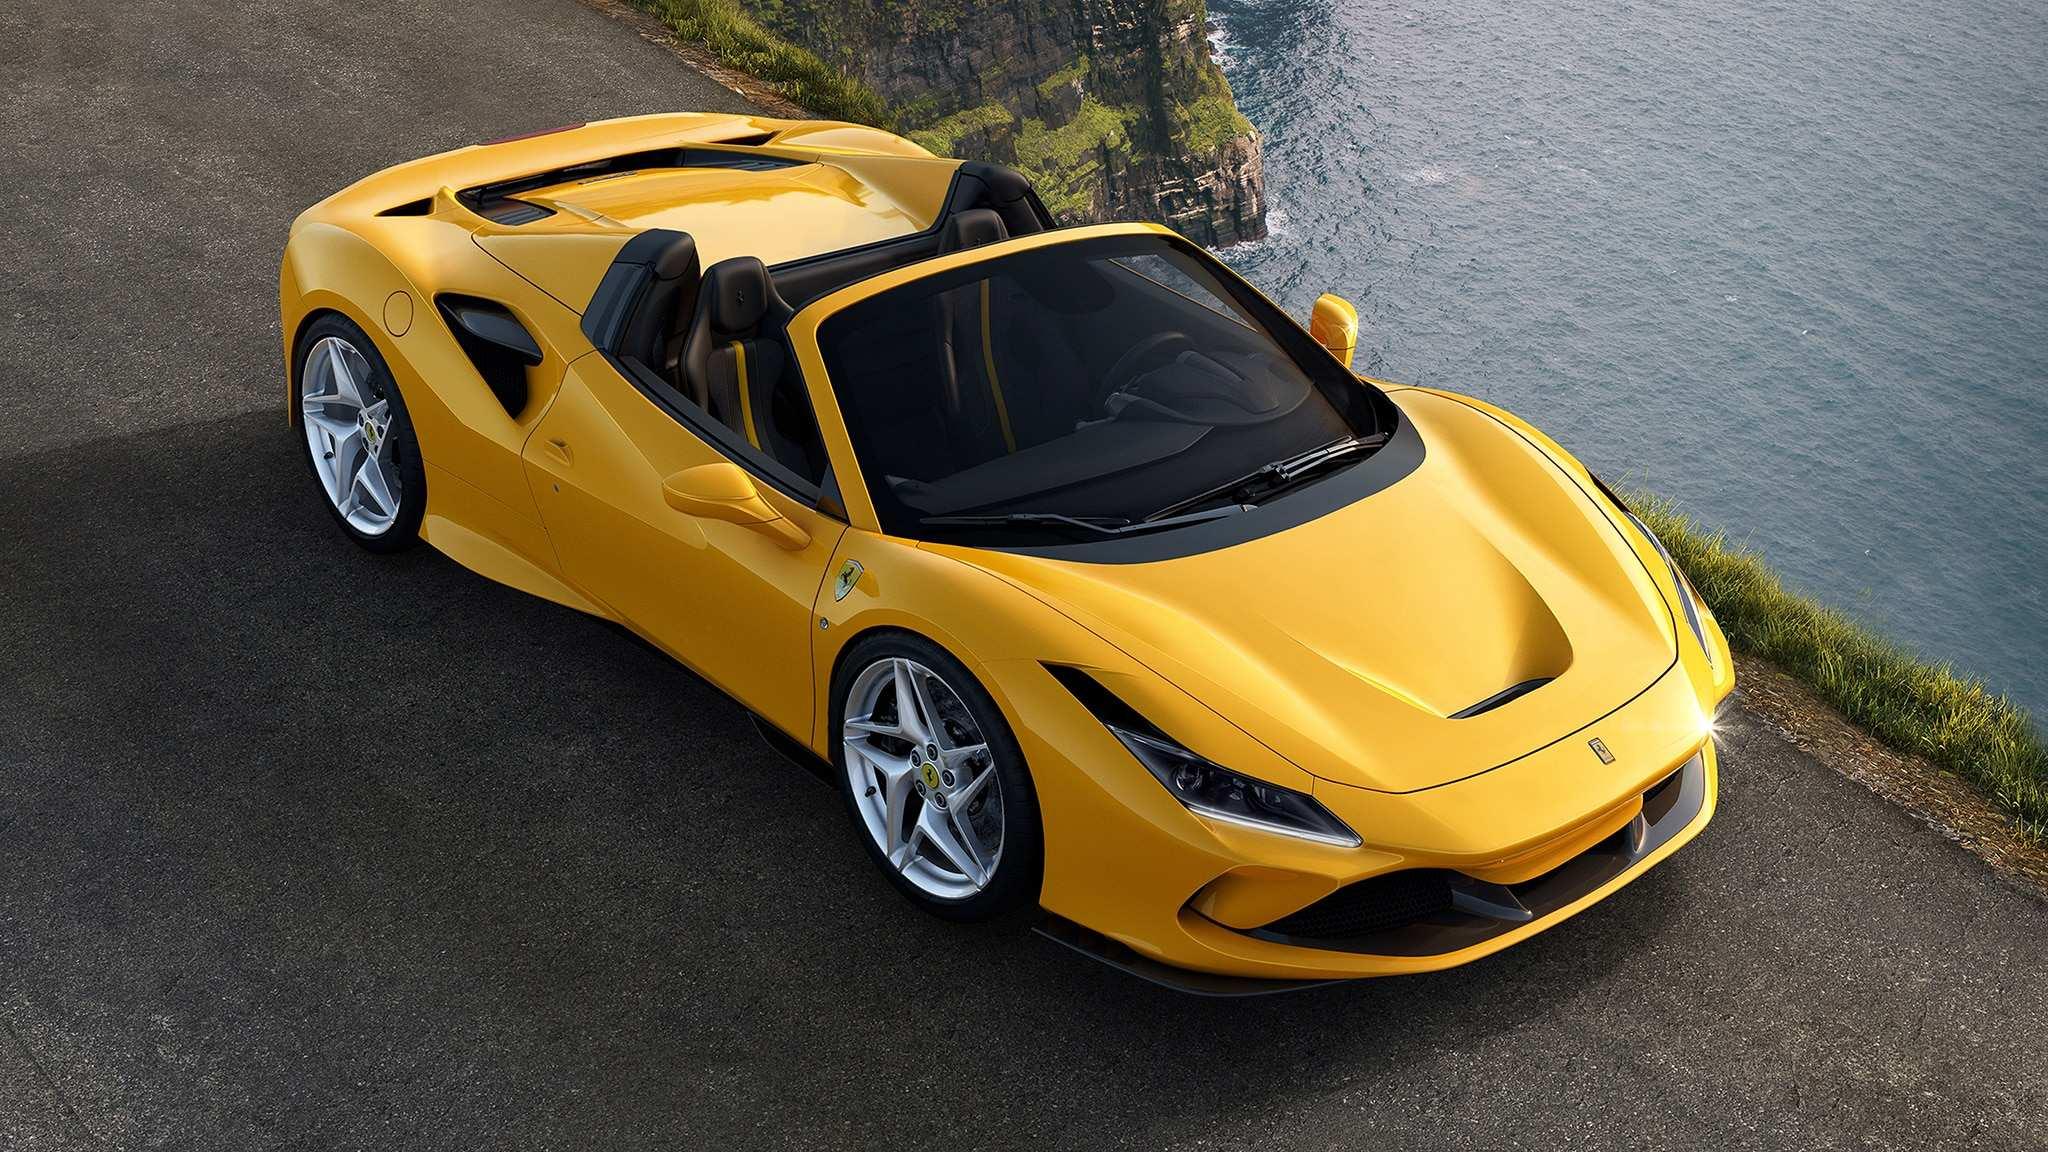 52 New Ferrari C 2020 Pictures by Ferrari C 2020